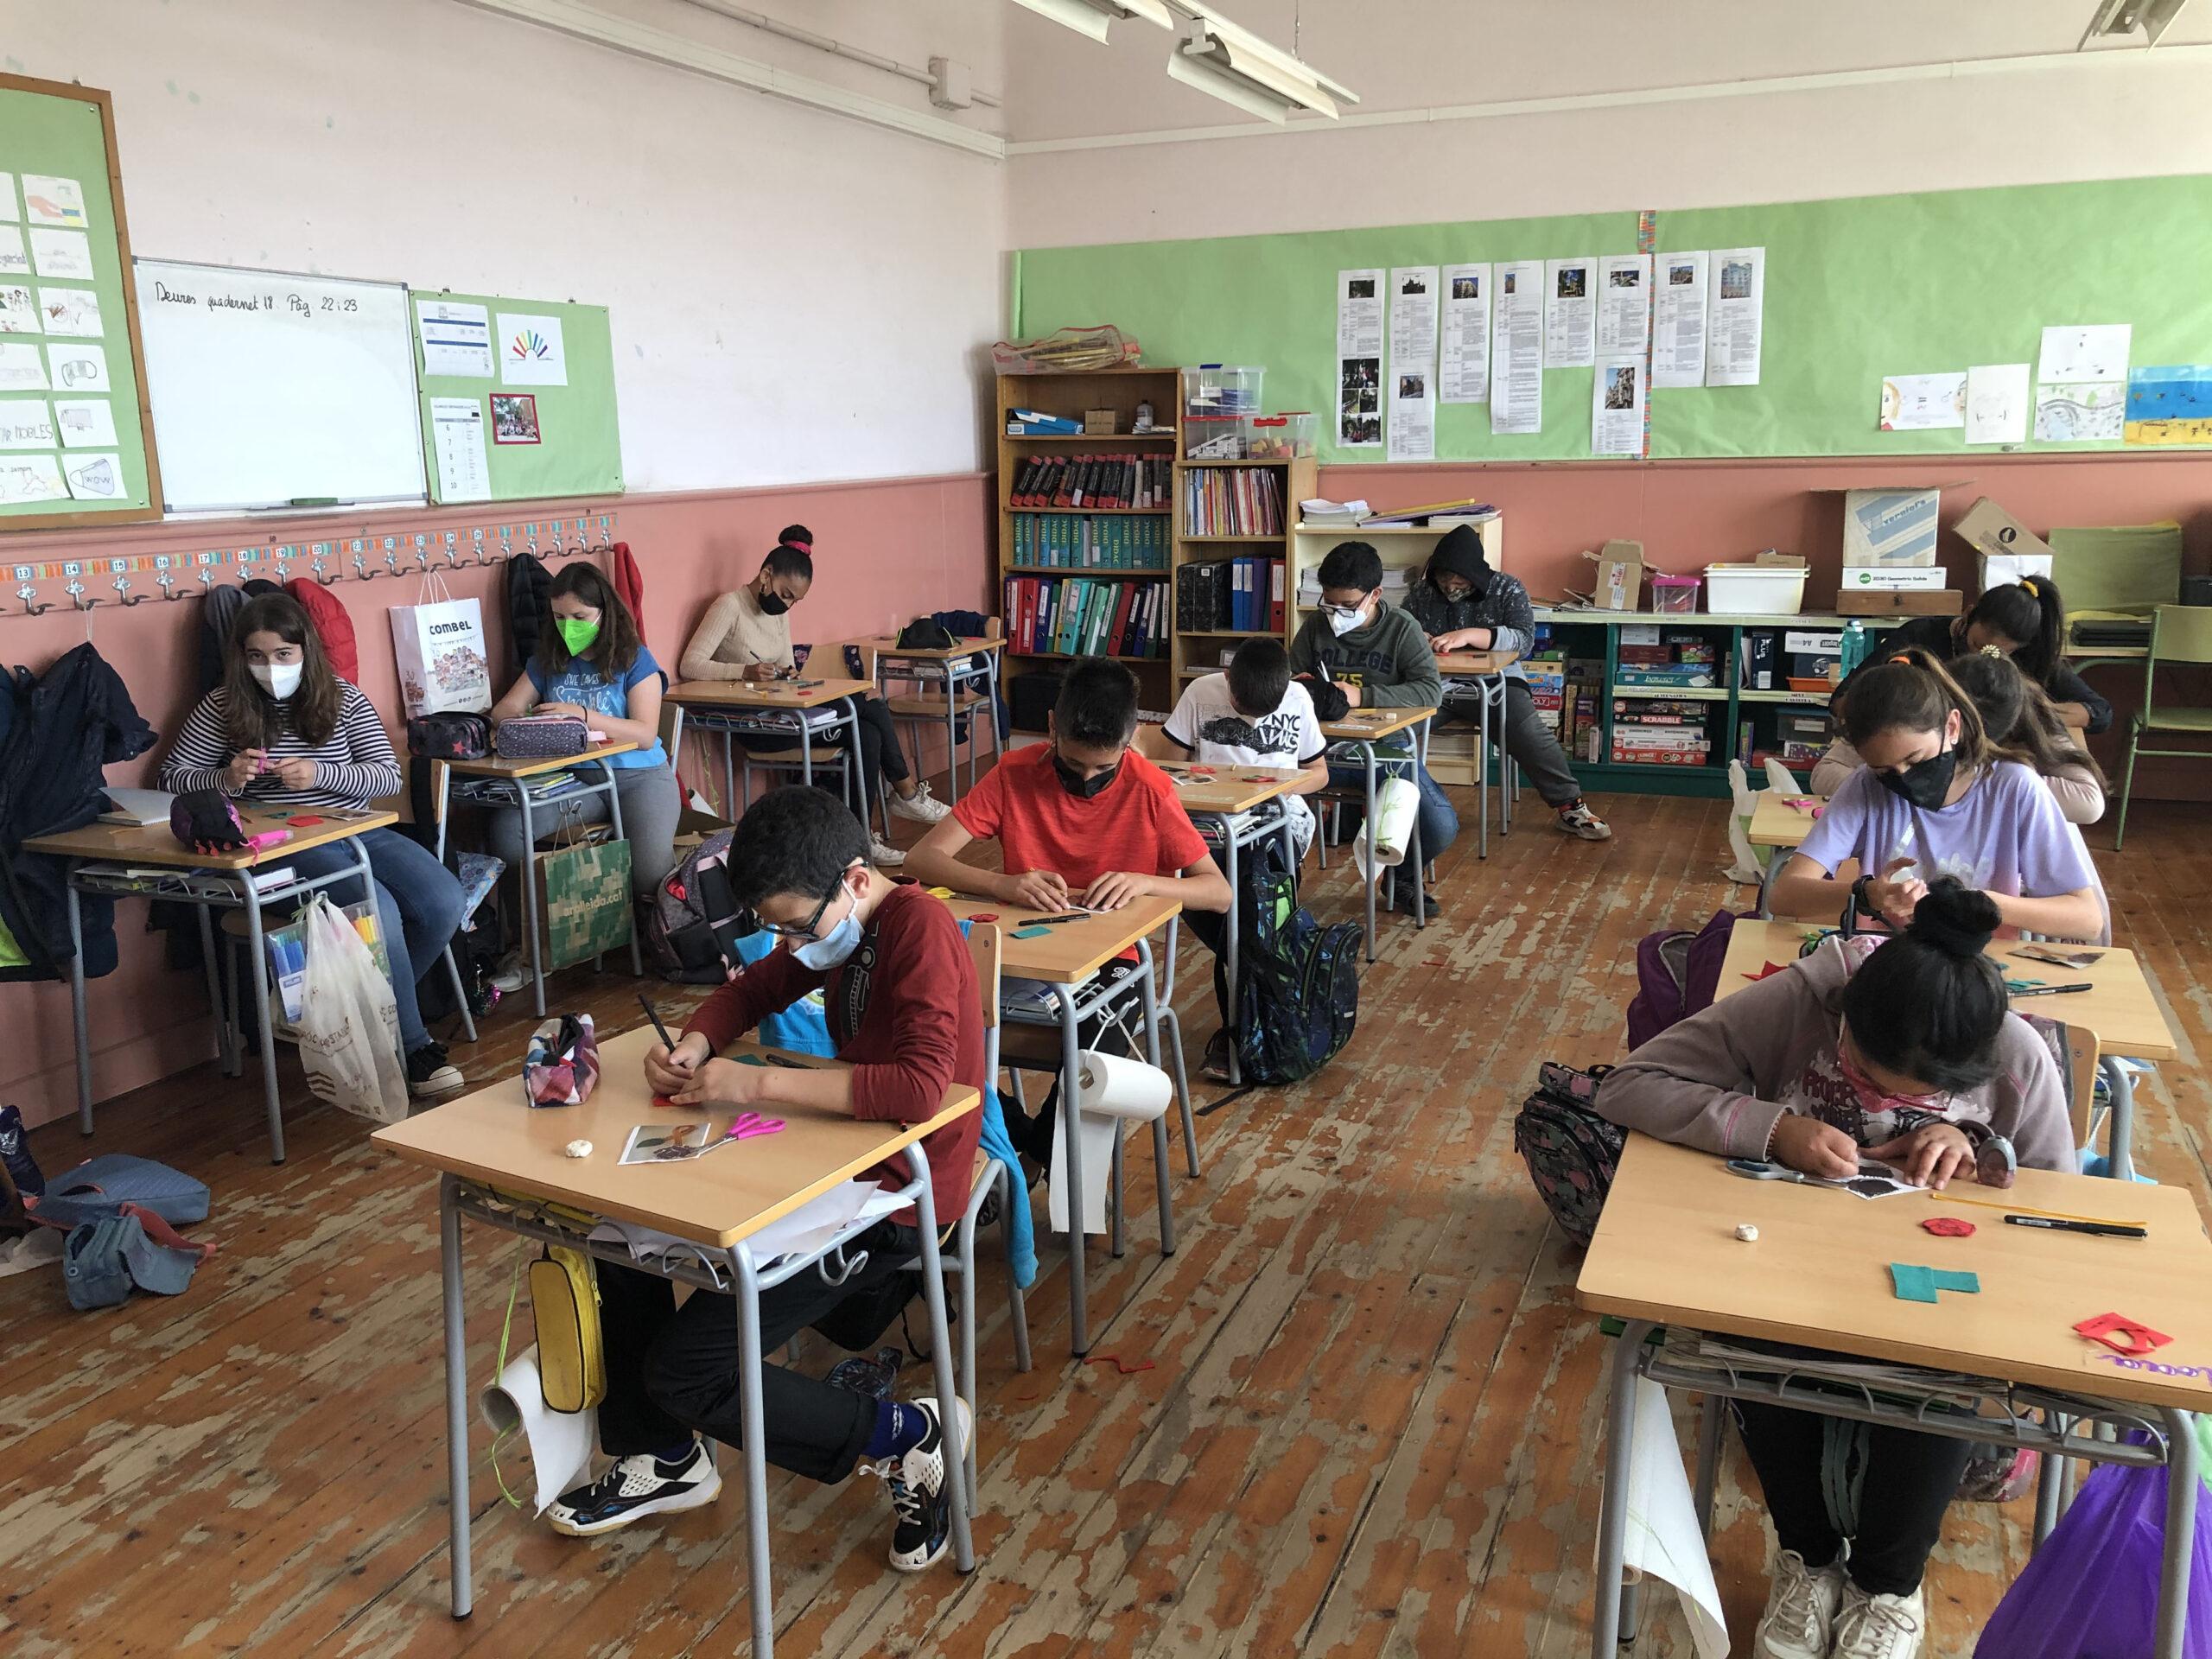 Les Borges destinarà 63.000 euros als centres educatius, amb l'impuls de tallers i actuacions per fomentar l'èxit escolar